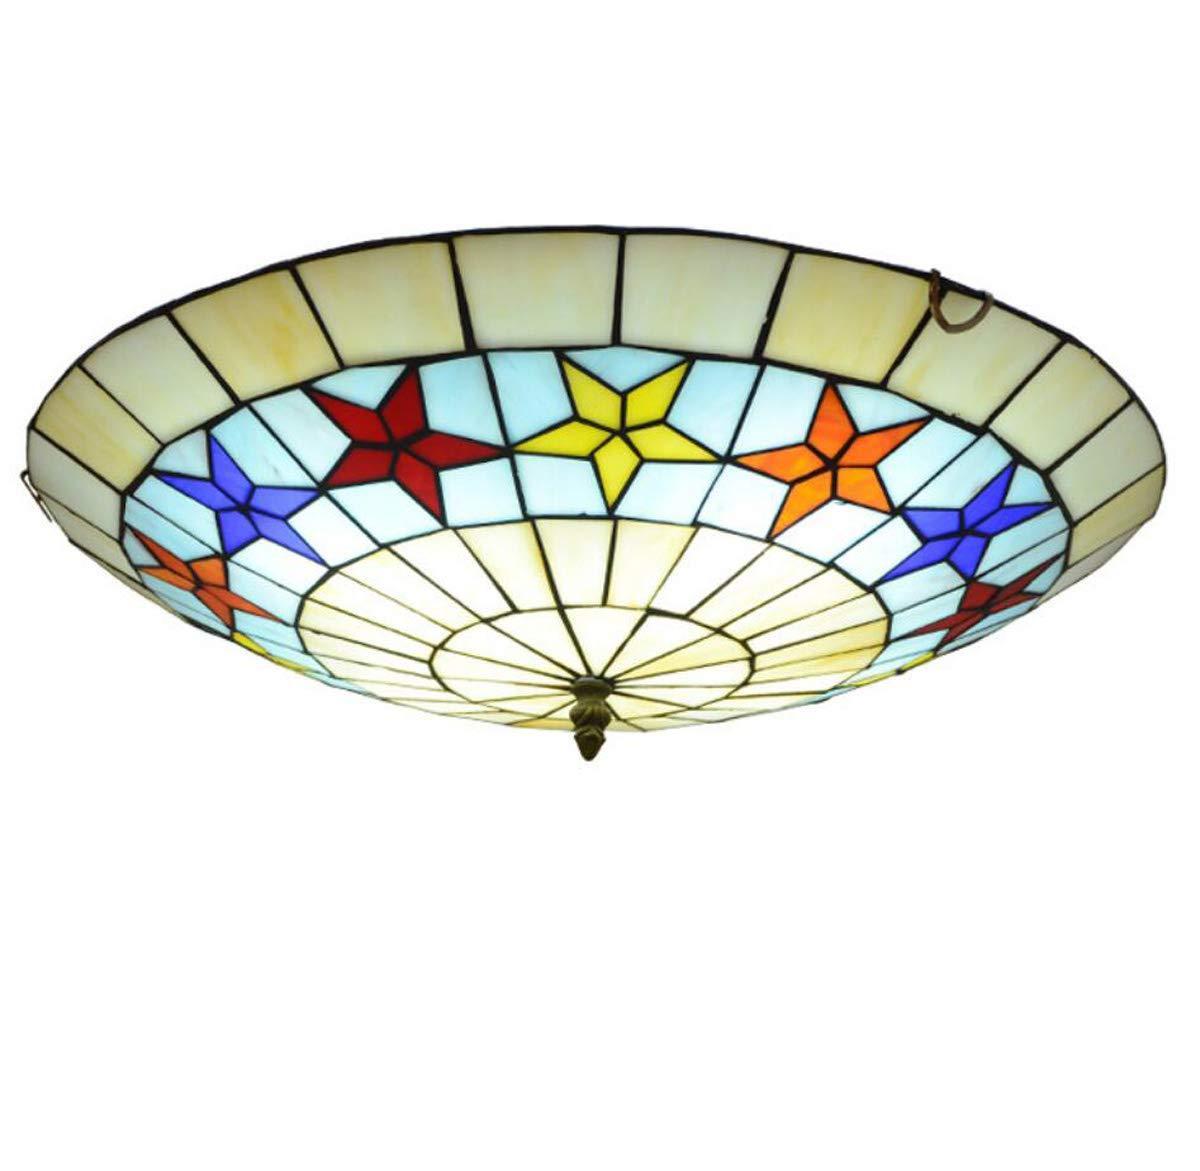 ティファニースタイルシーリングライト地中海ペンタグラムステンドグラス天井ランプ器具用ダイニングルーム子供部屋寝室,50cm 50cm  B07TB8J992